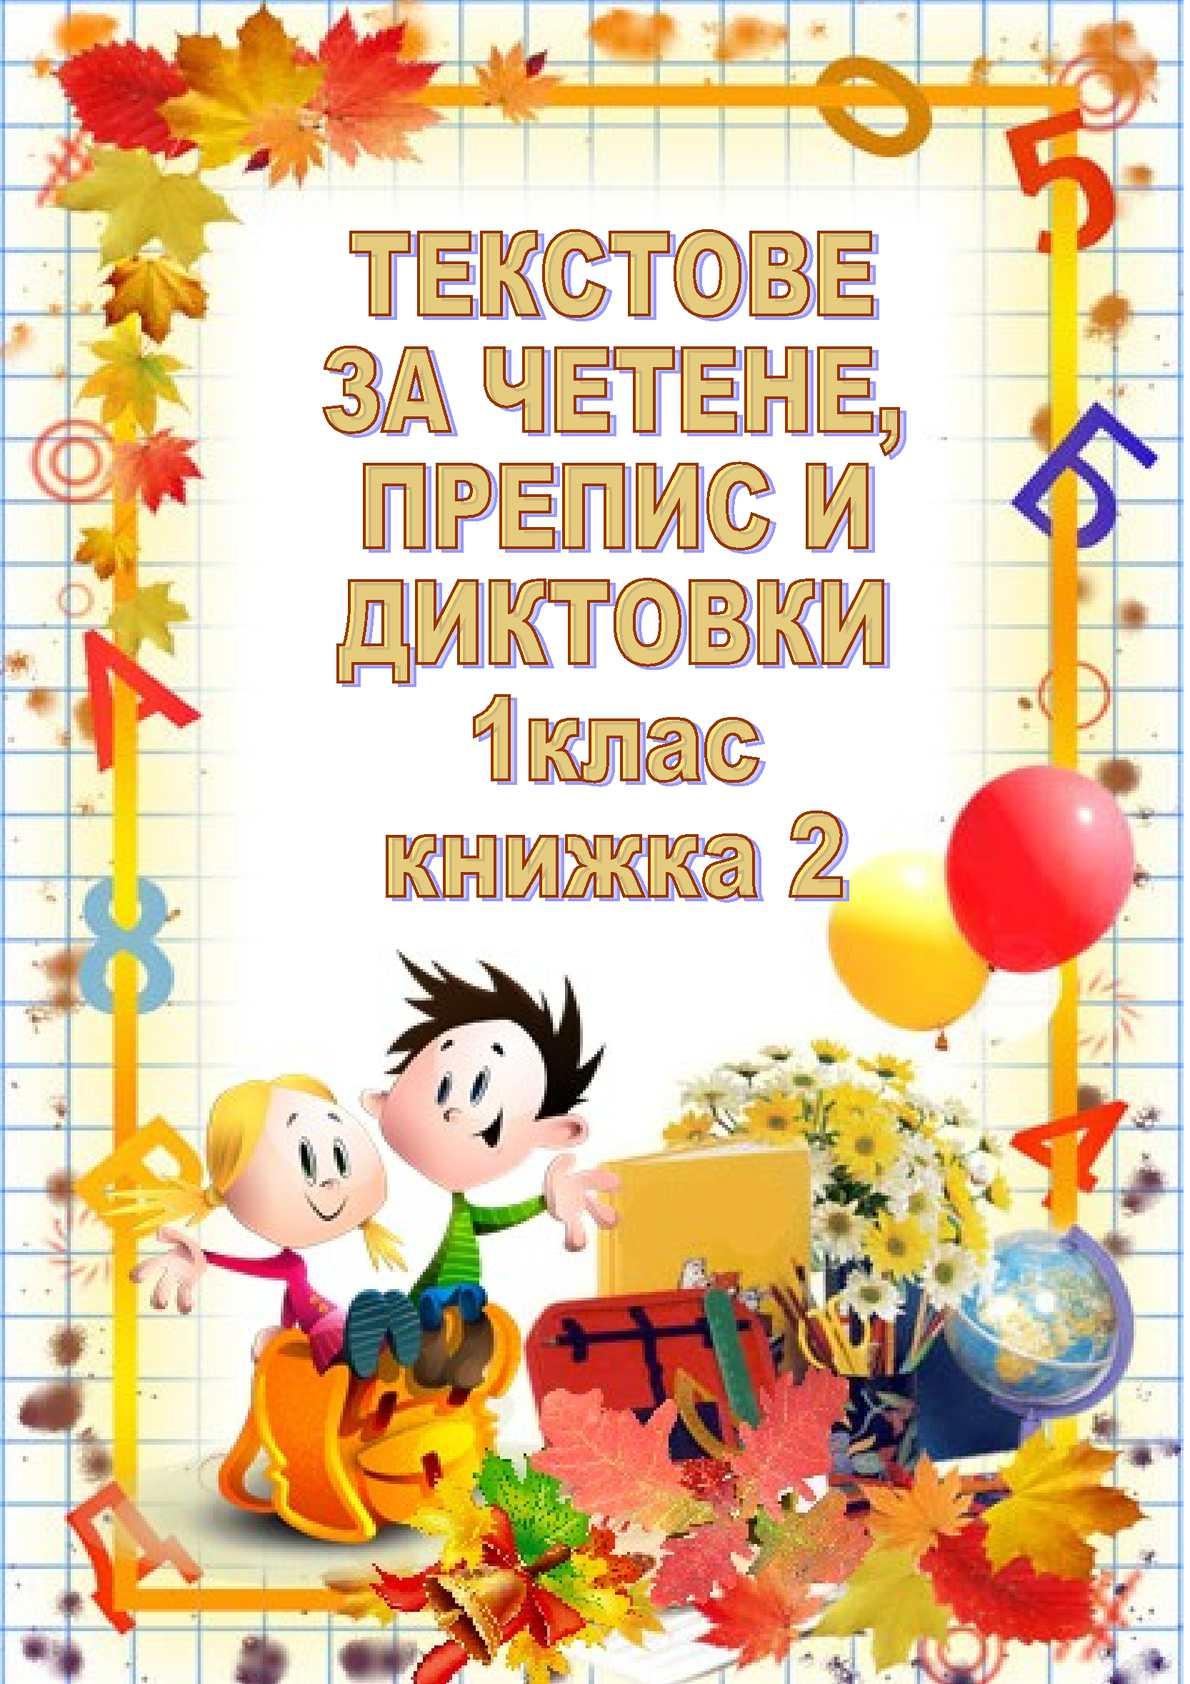 Текстове за препис и диктовка - 1клас книжка 2